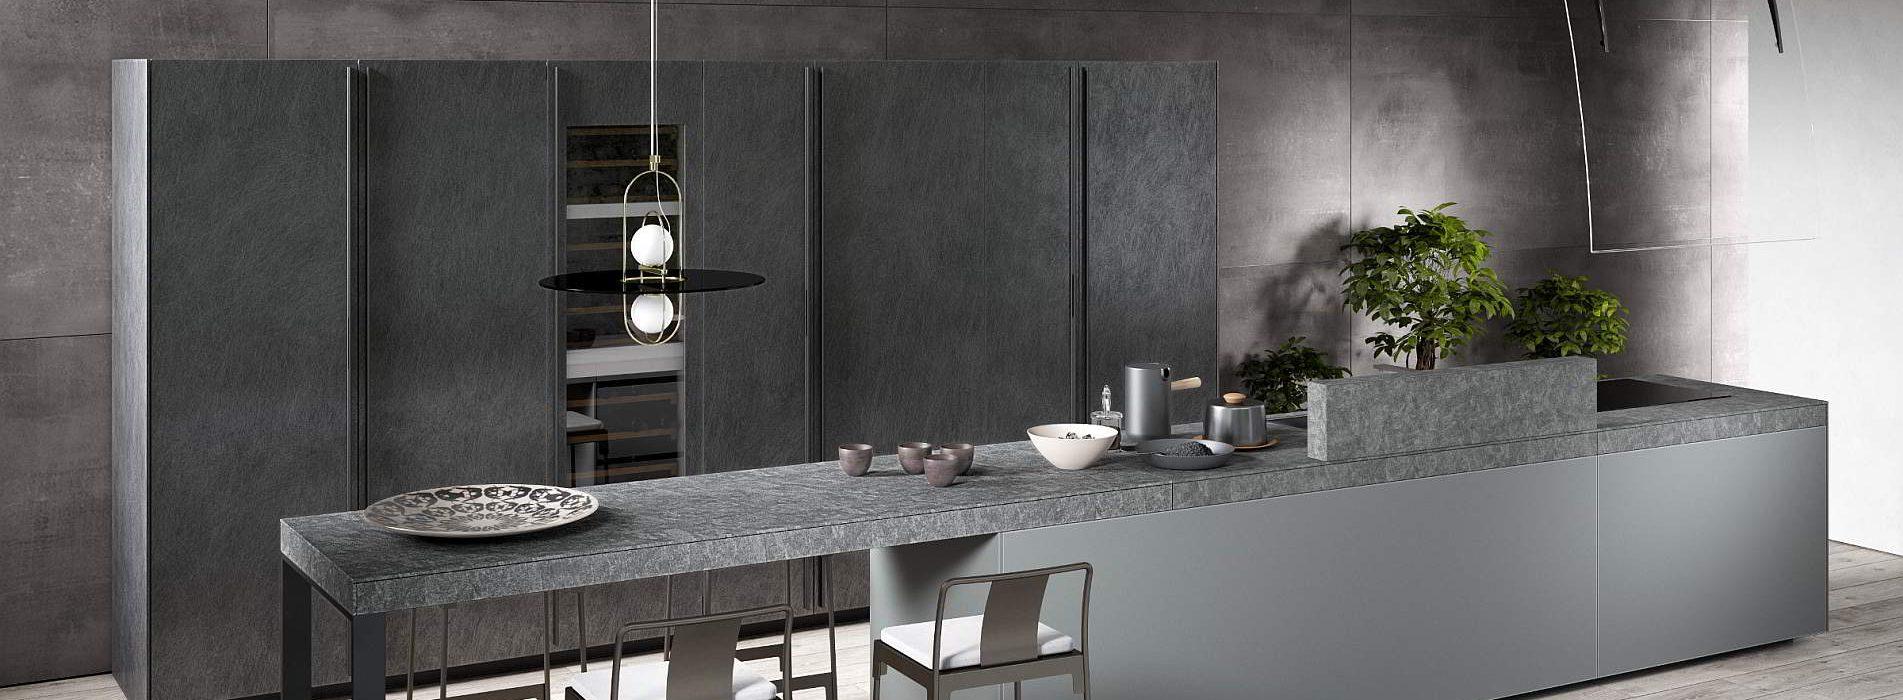 73d2f0a56b1a77 Valcucine » Für Sie » exklusive Küchen und italienische Designermöbel